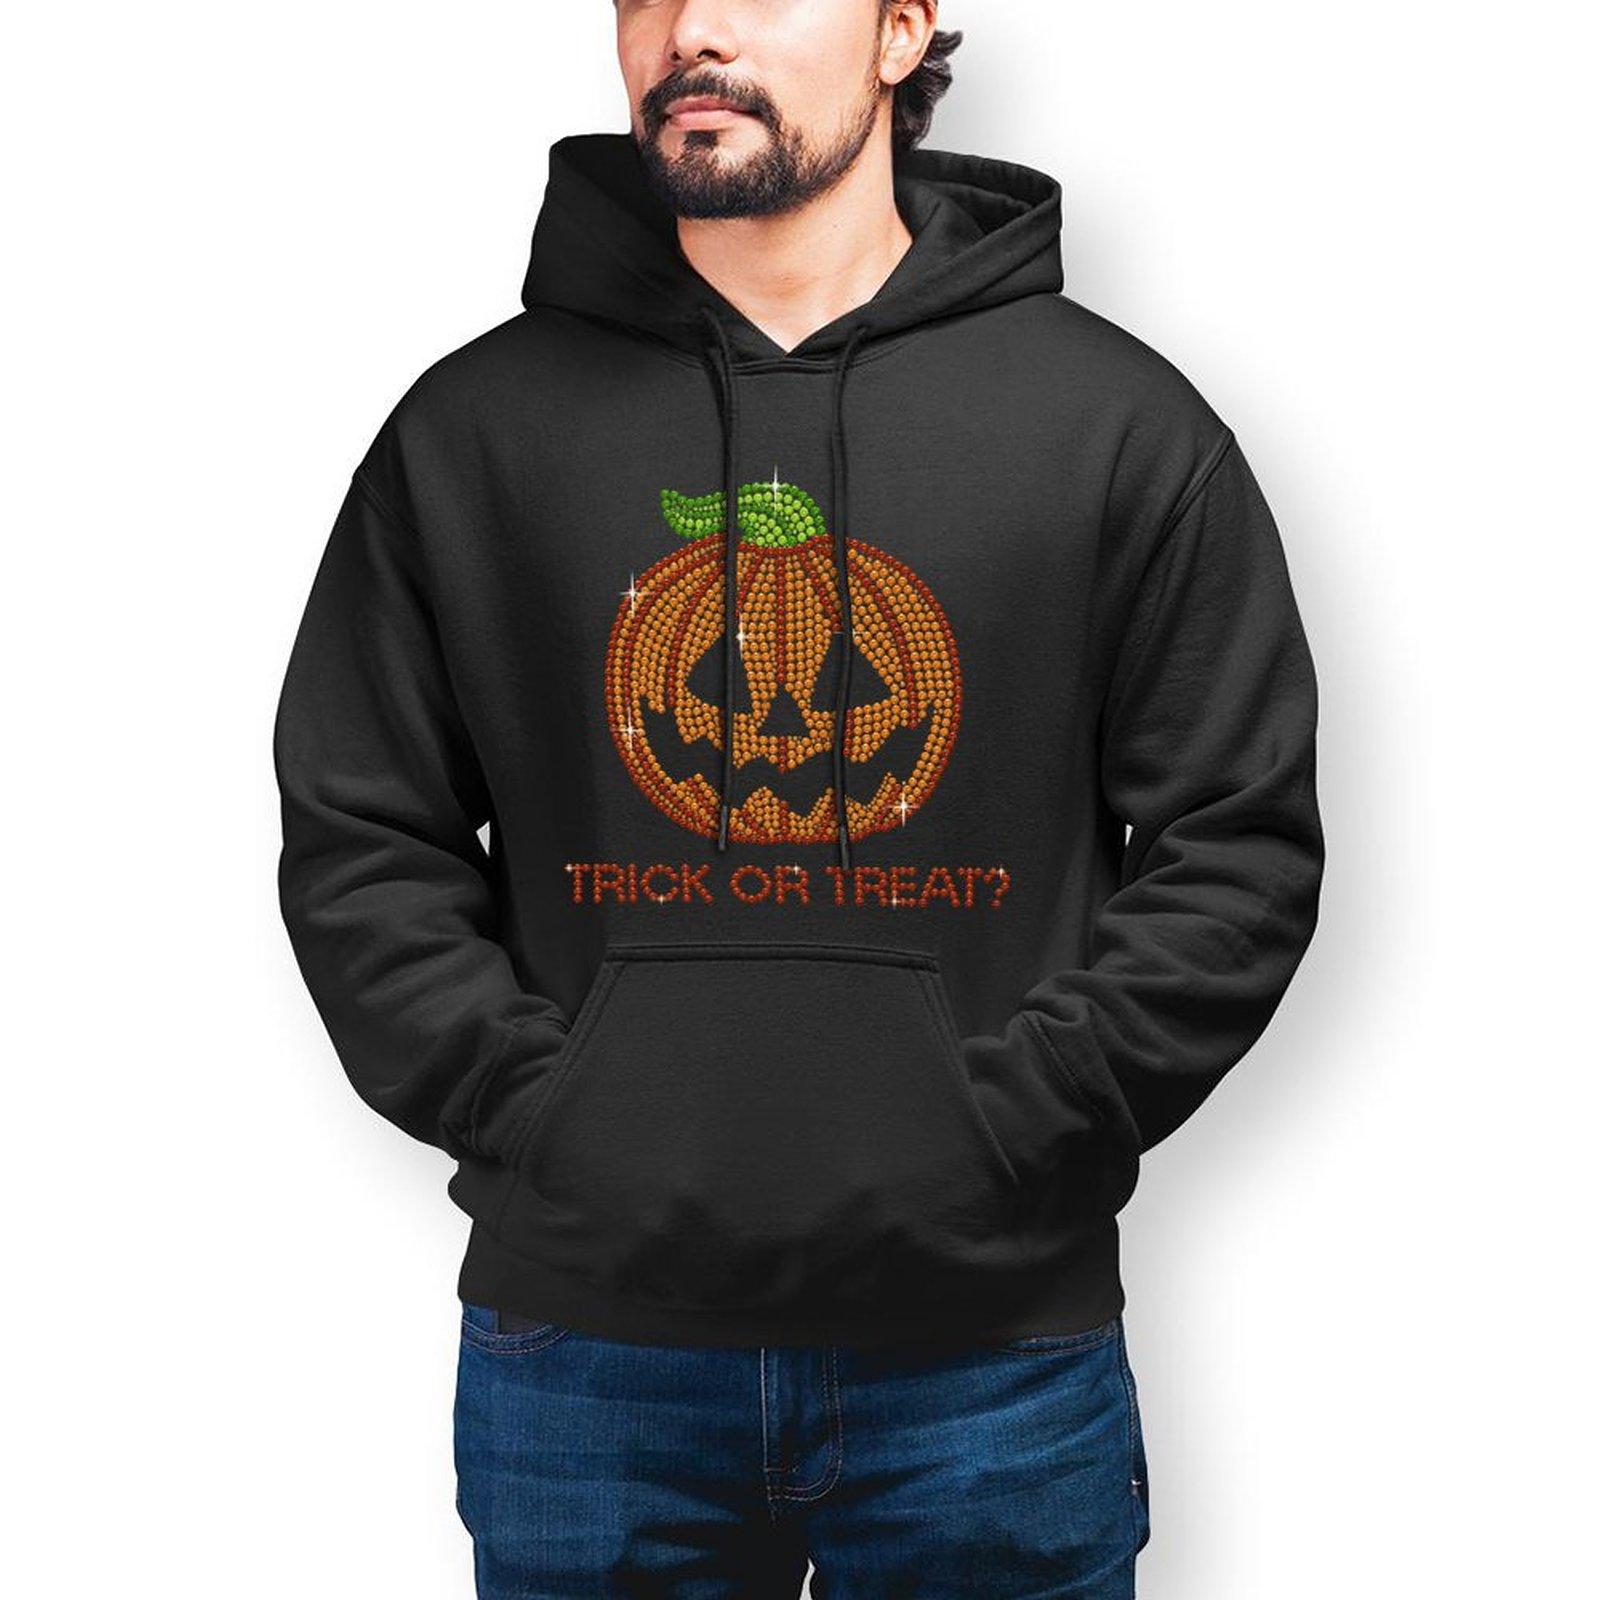 Хэллоуин, мужские теплые толстовки с длинным рукавом